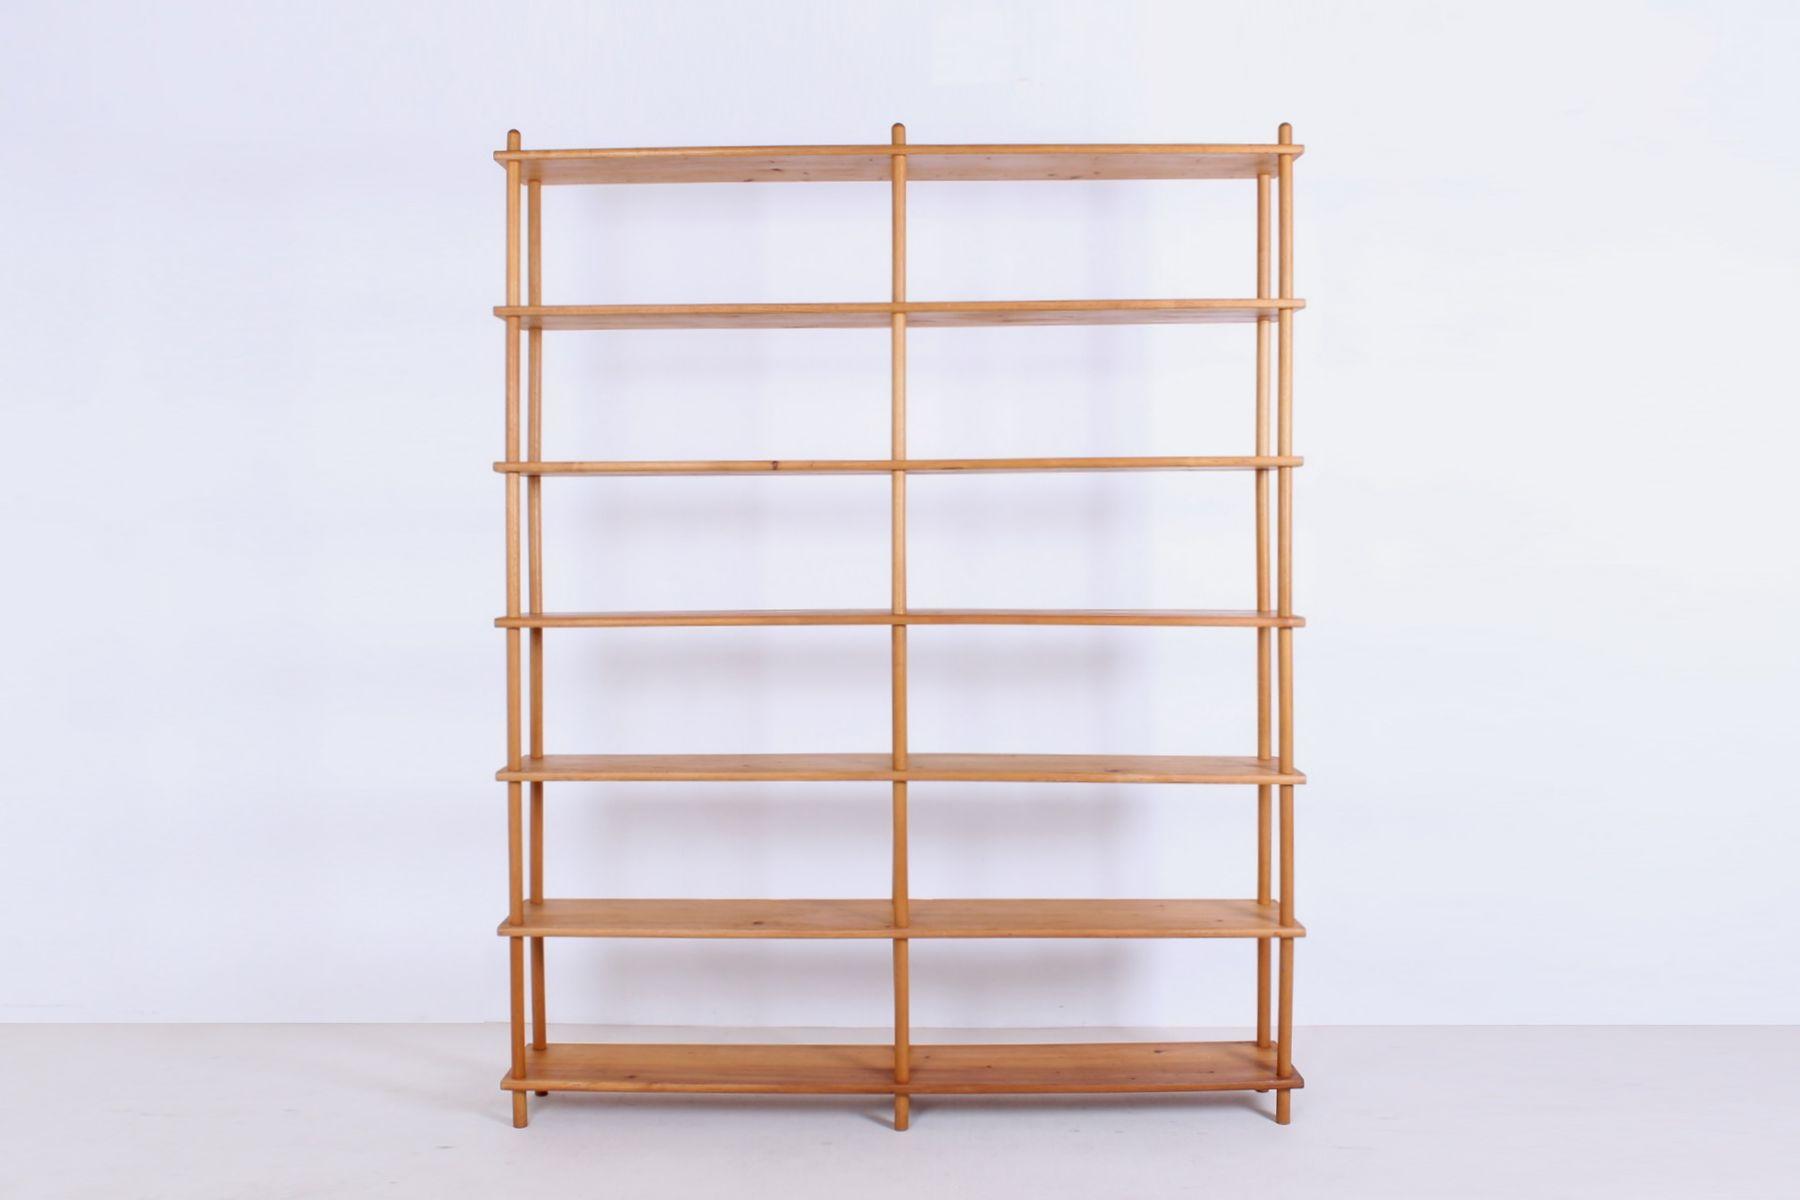 kiefernholz regal von gouda den boer bei pamono kaufen. Black Bedroom Furniture Sets. Home Design Ideas